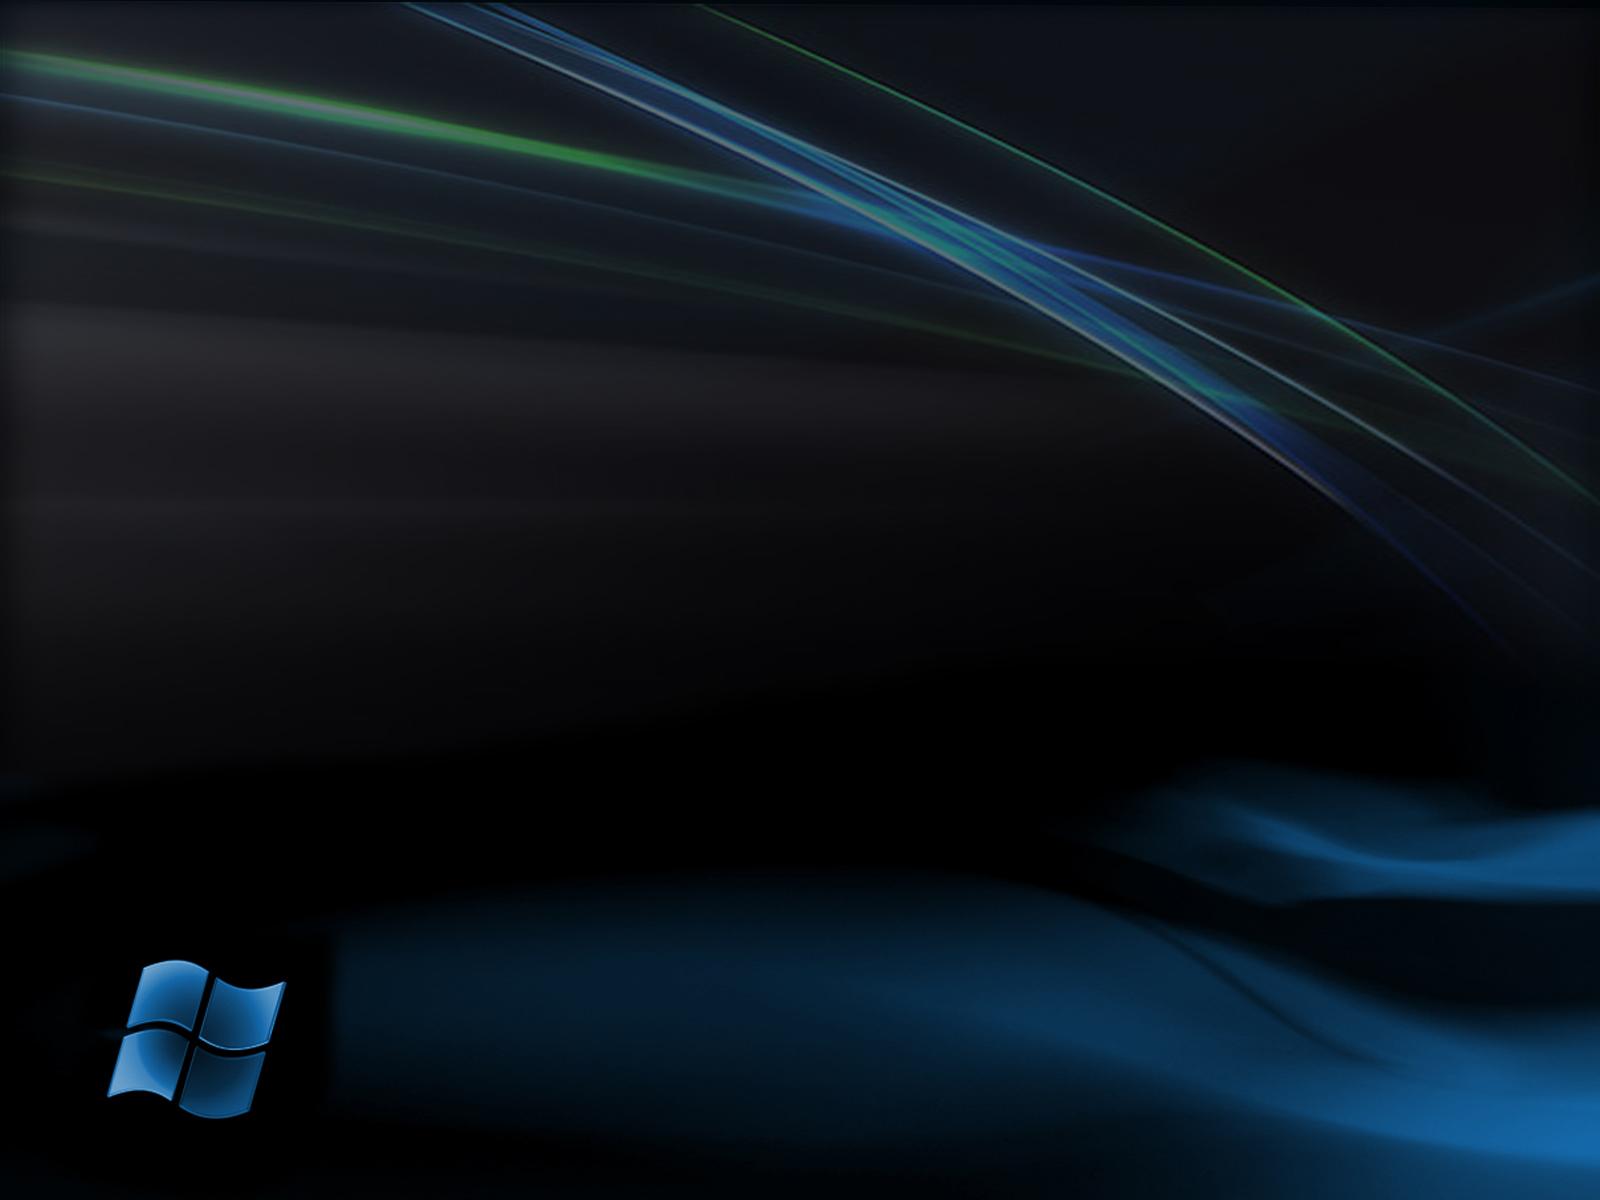 http://2.bp.blogspot.com/-FpRTyH4UDIE/Tyed8y7VIHI/AAAAAAAADNk/QpzaXEZRYf8/s1600/60-creative-windows-7-ultimate-wallpapers-31.jpg